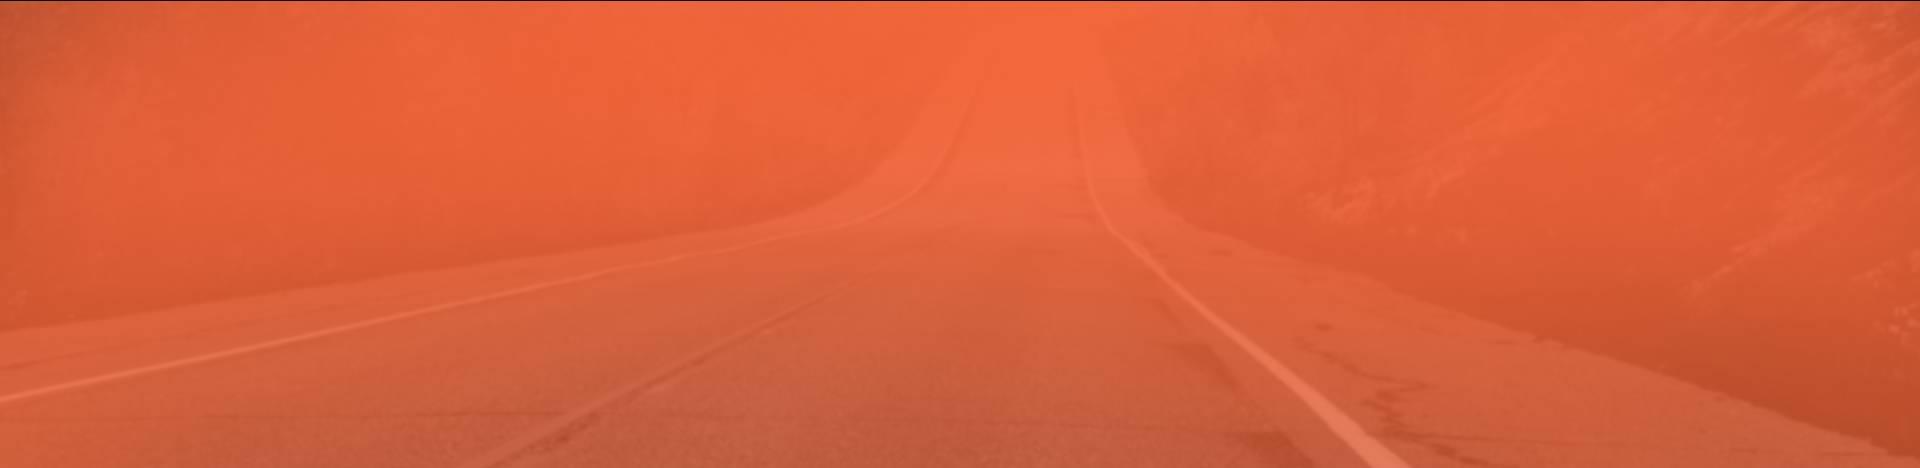 Orange Movers Orange Road Background Image